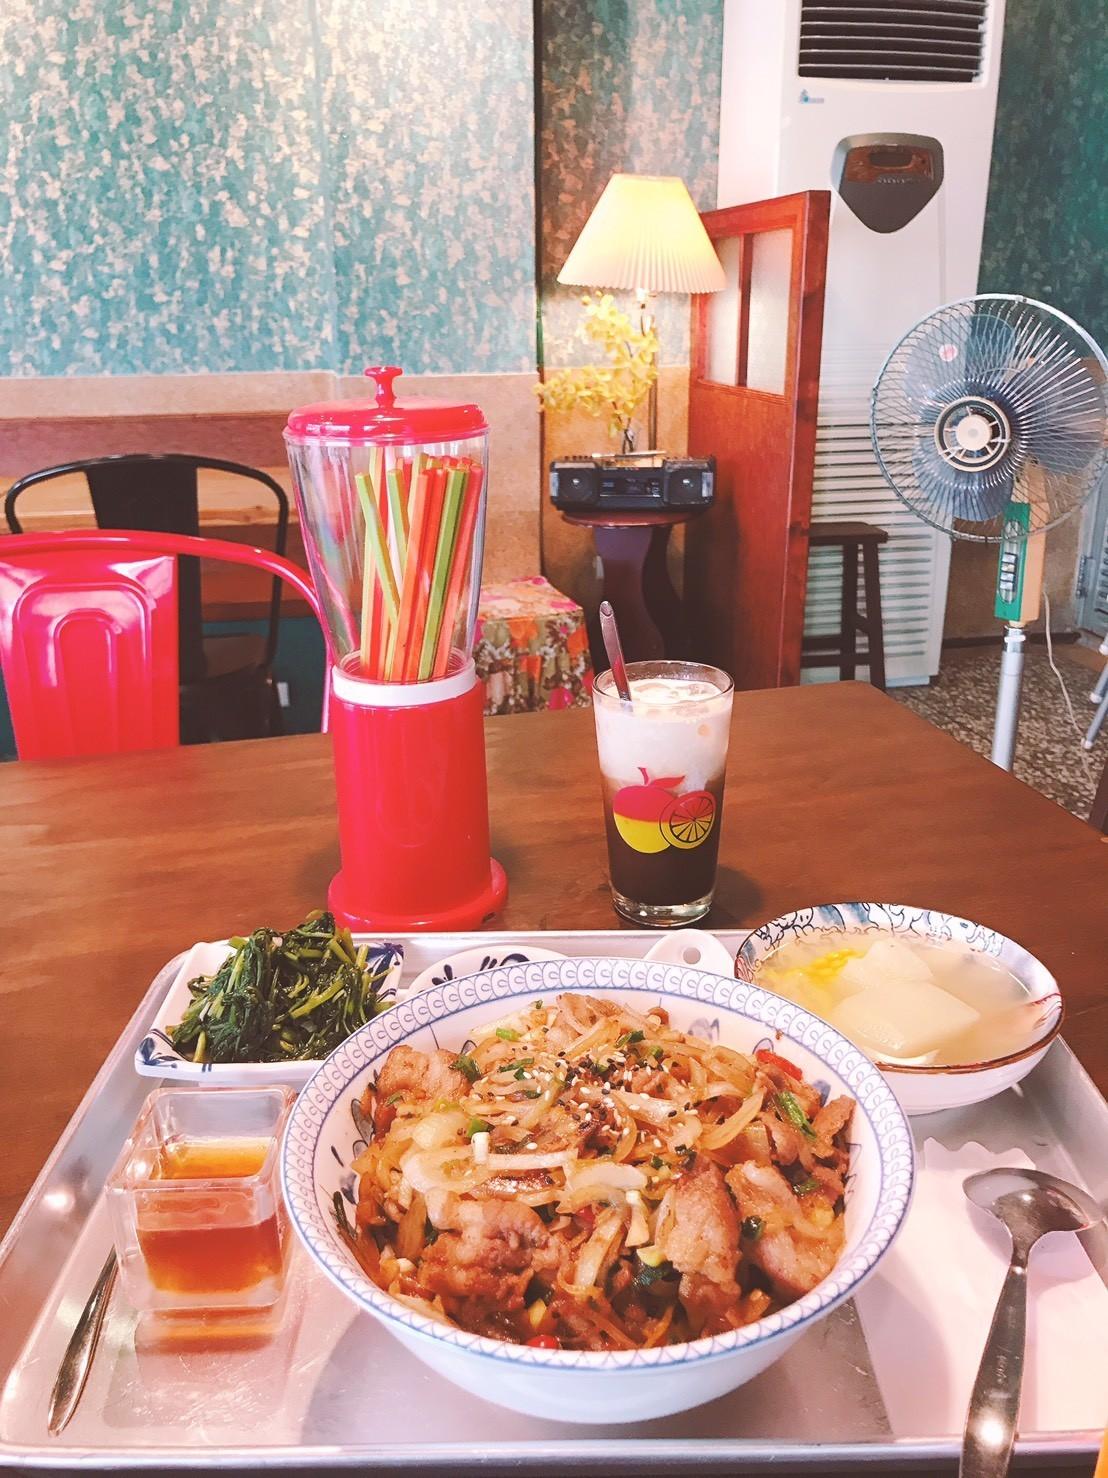 17嘉義東區復古風台式簡餐-弄來小餐桌-澎派燒肉飯|小福砌餐飲空間設計